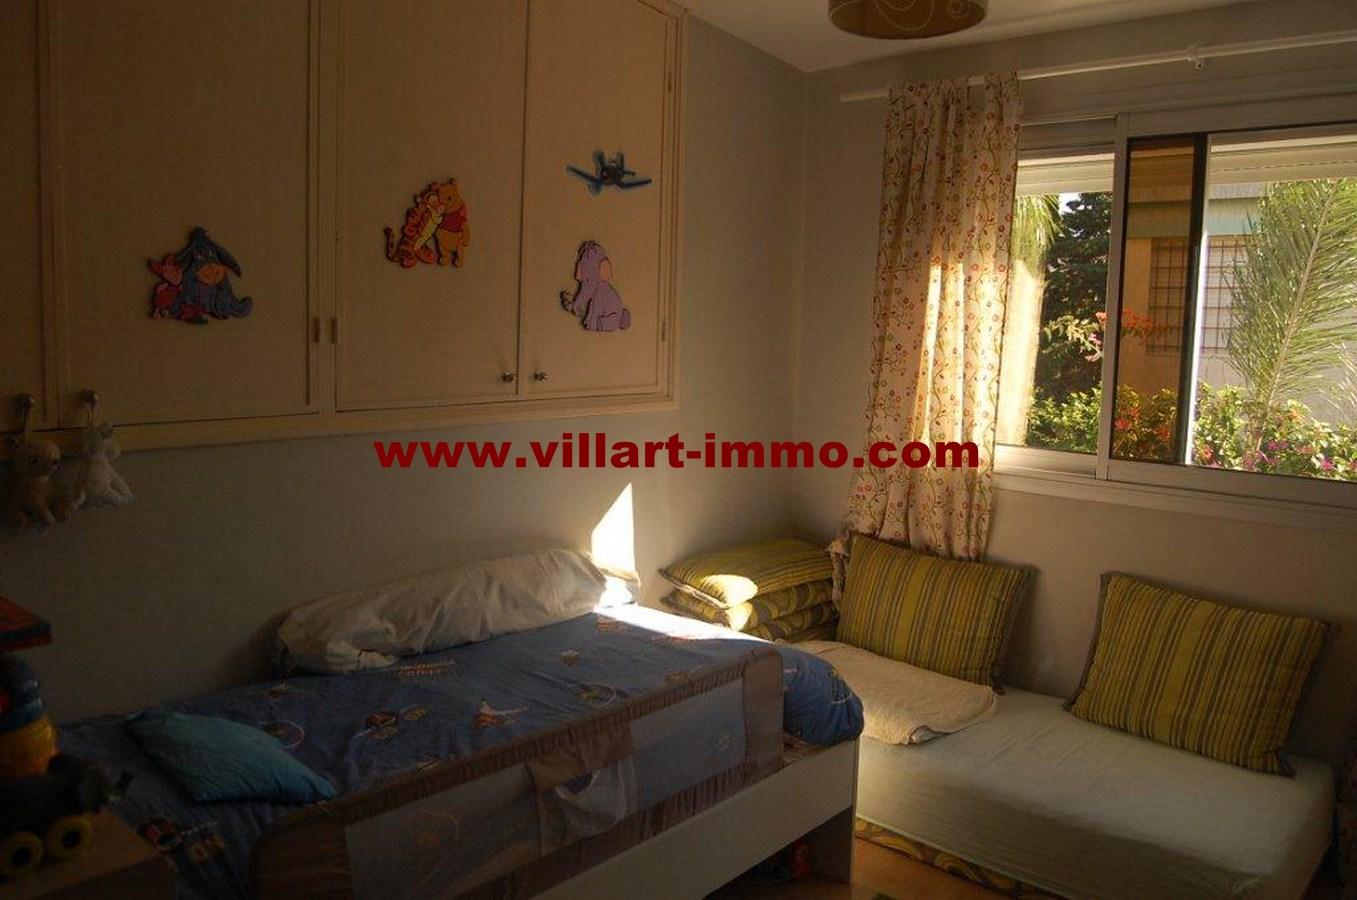 8-a-vendre-tanger-villa-californie-chambre-4-vv461-villart-immo-agence-immobiliere-copier